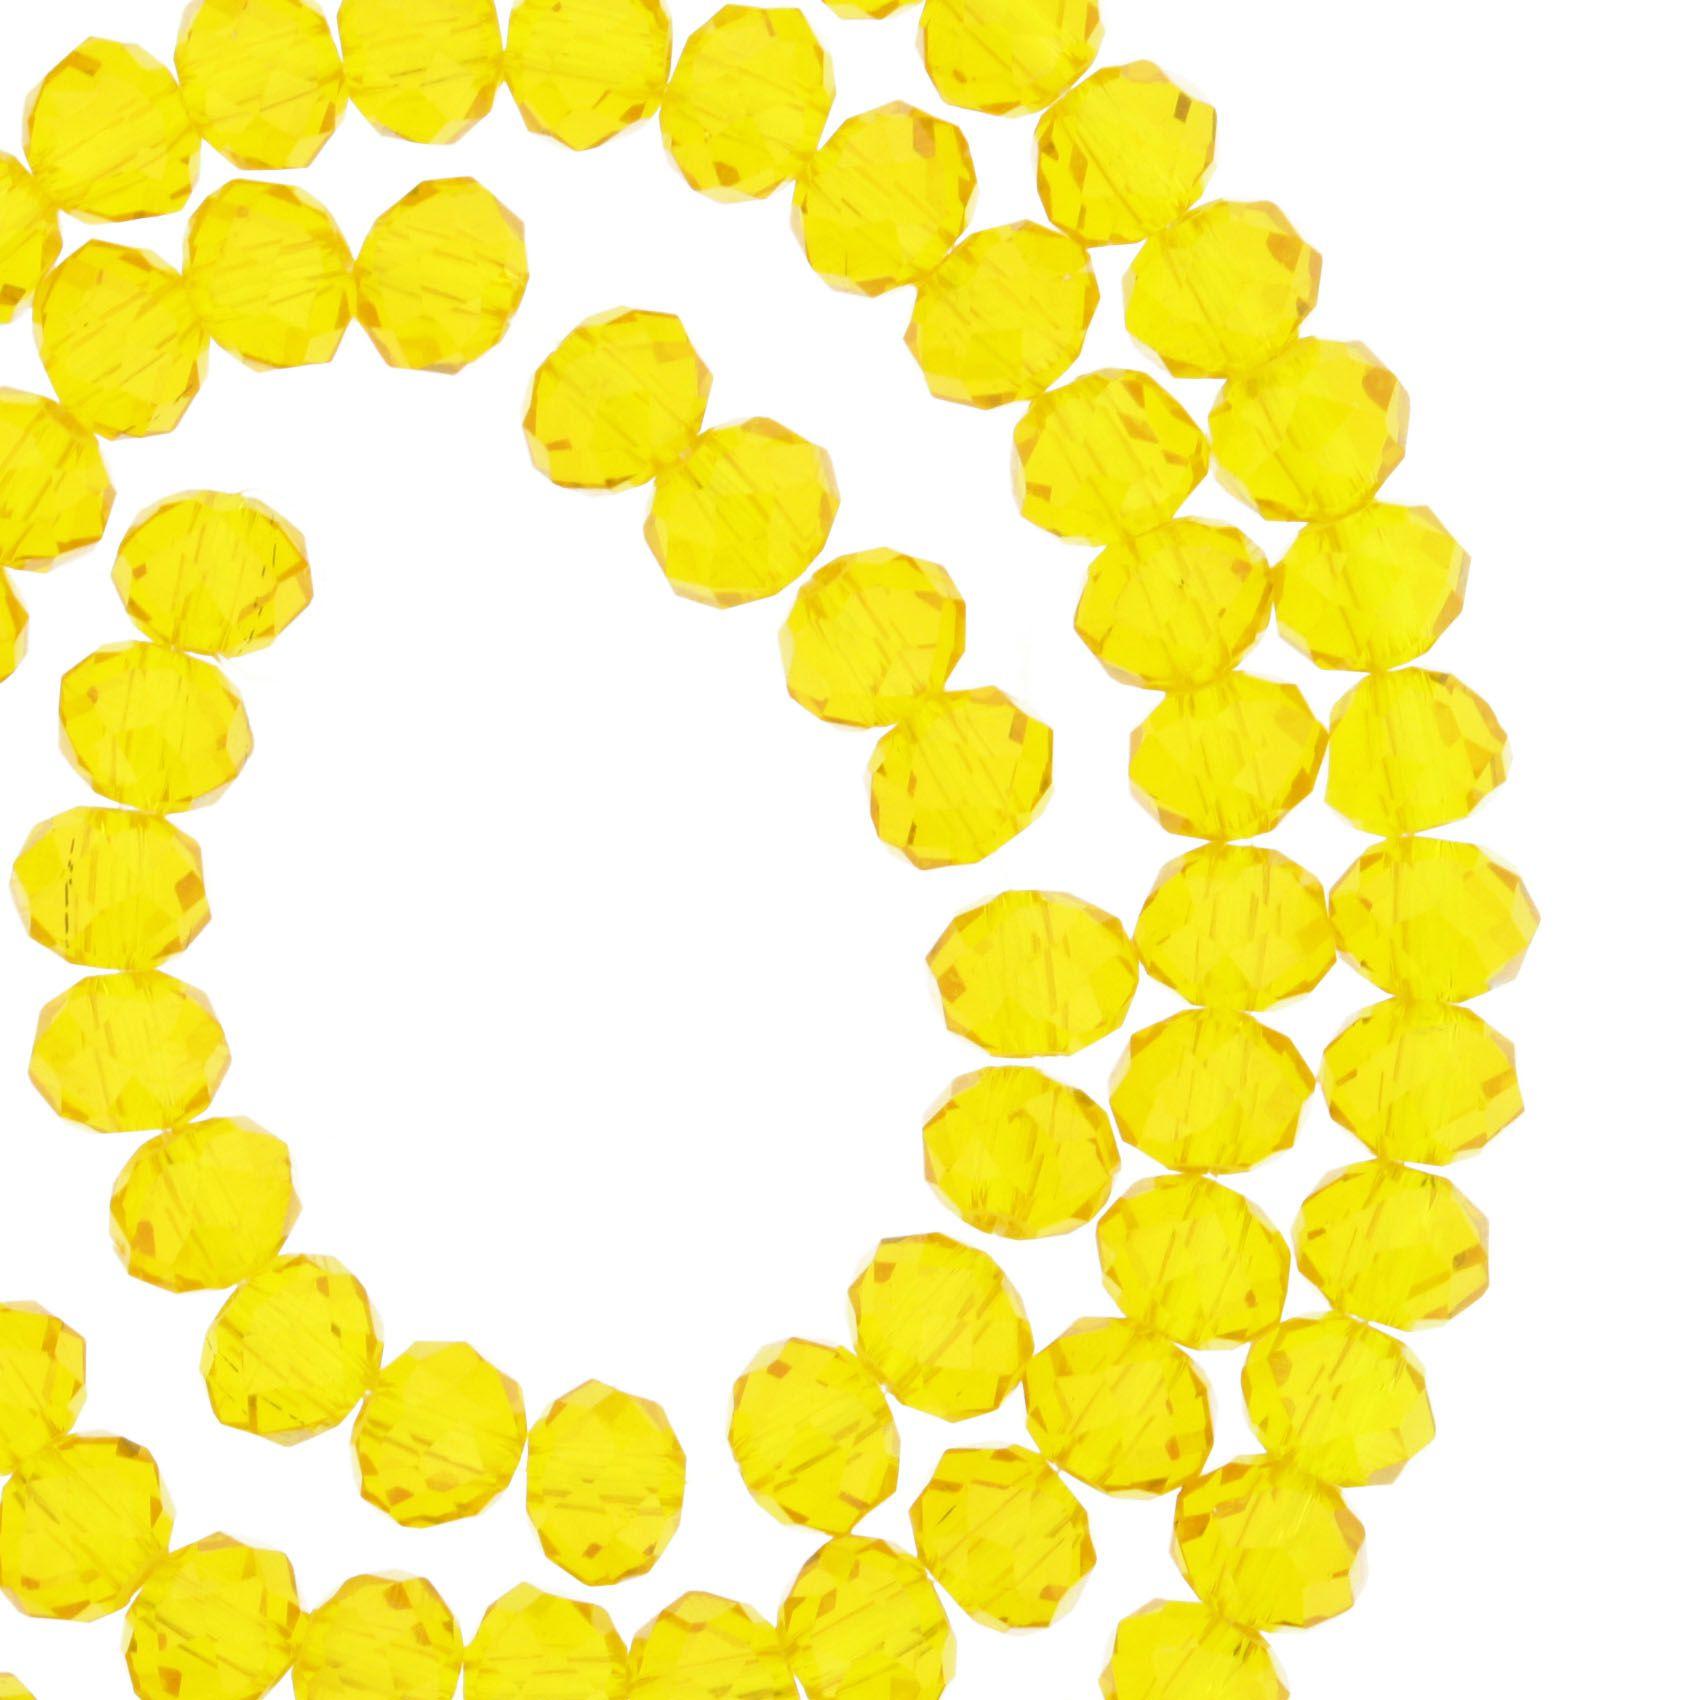 Fio de Cristal - Piatto® - Amarelo Transparente - 6mm  - Universo Religioso® - Artigos de Umbanda e Candomblé